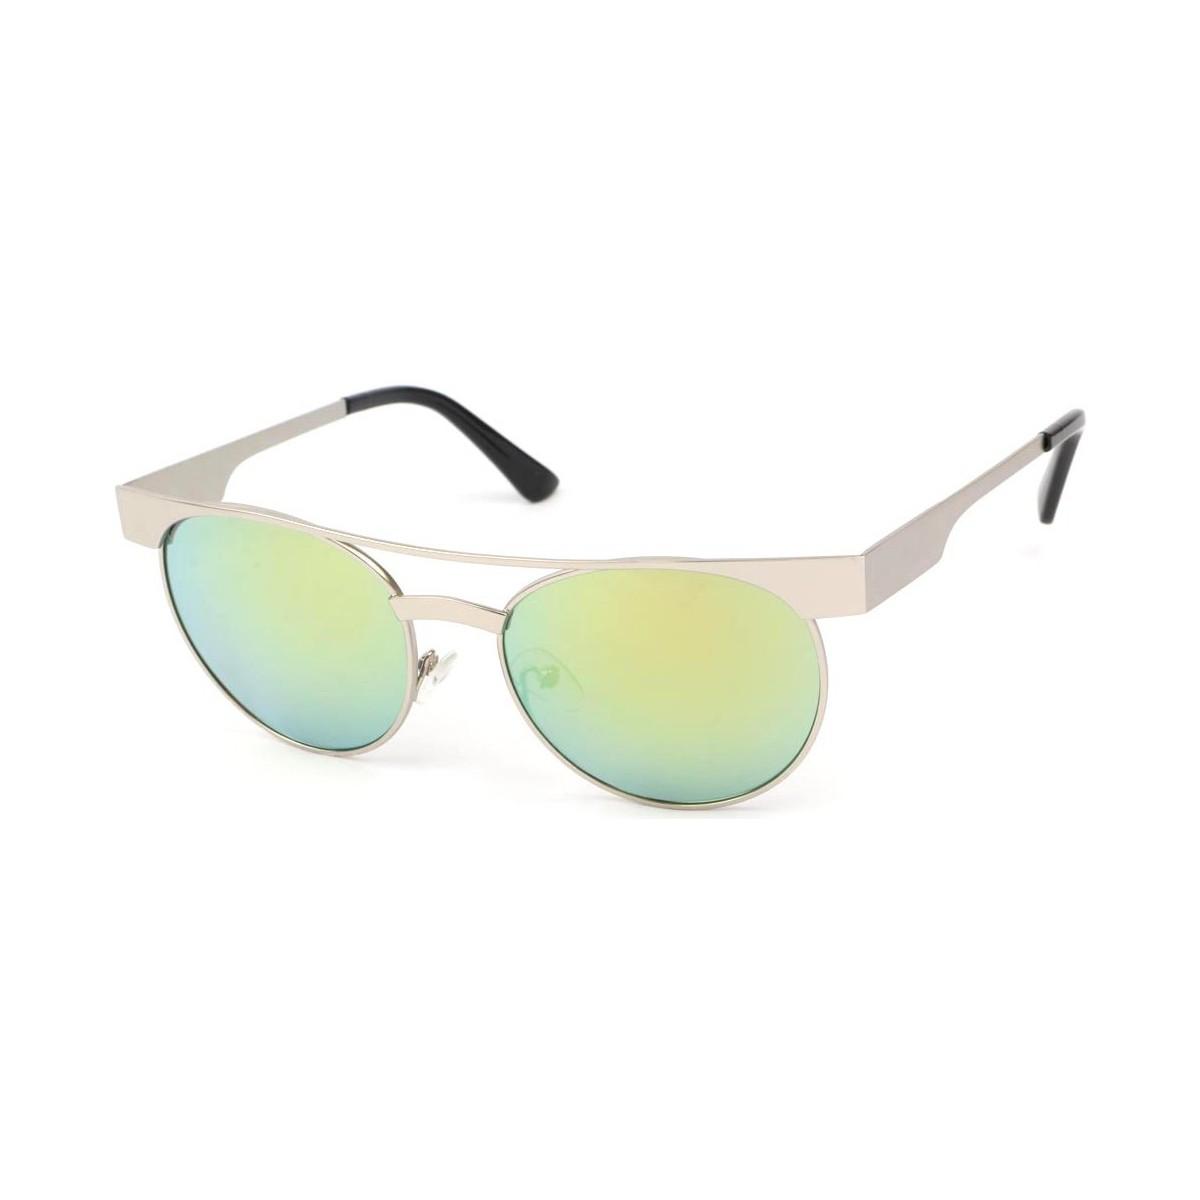 Eye Wear Lunettes Soleil Friends monture Argent verres reflets verts Vert